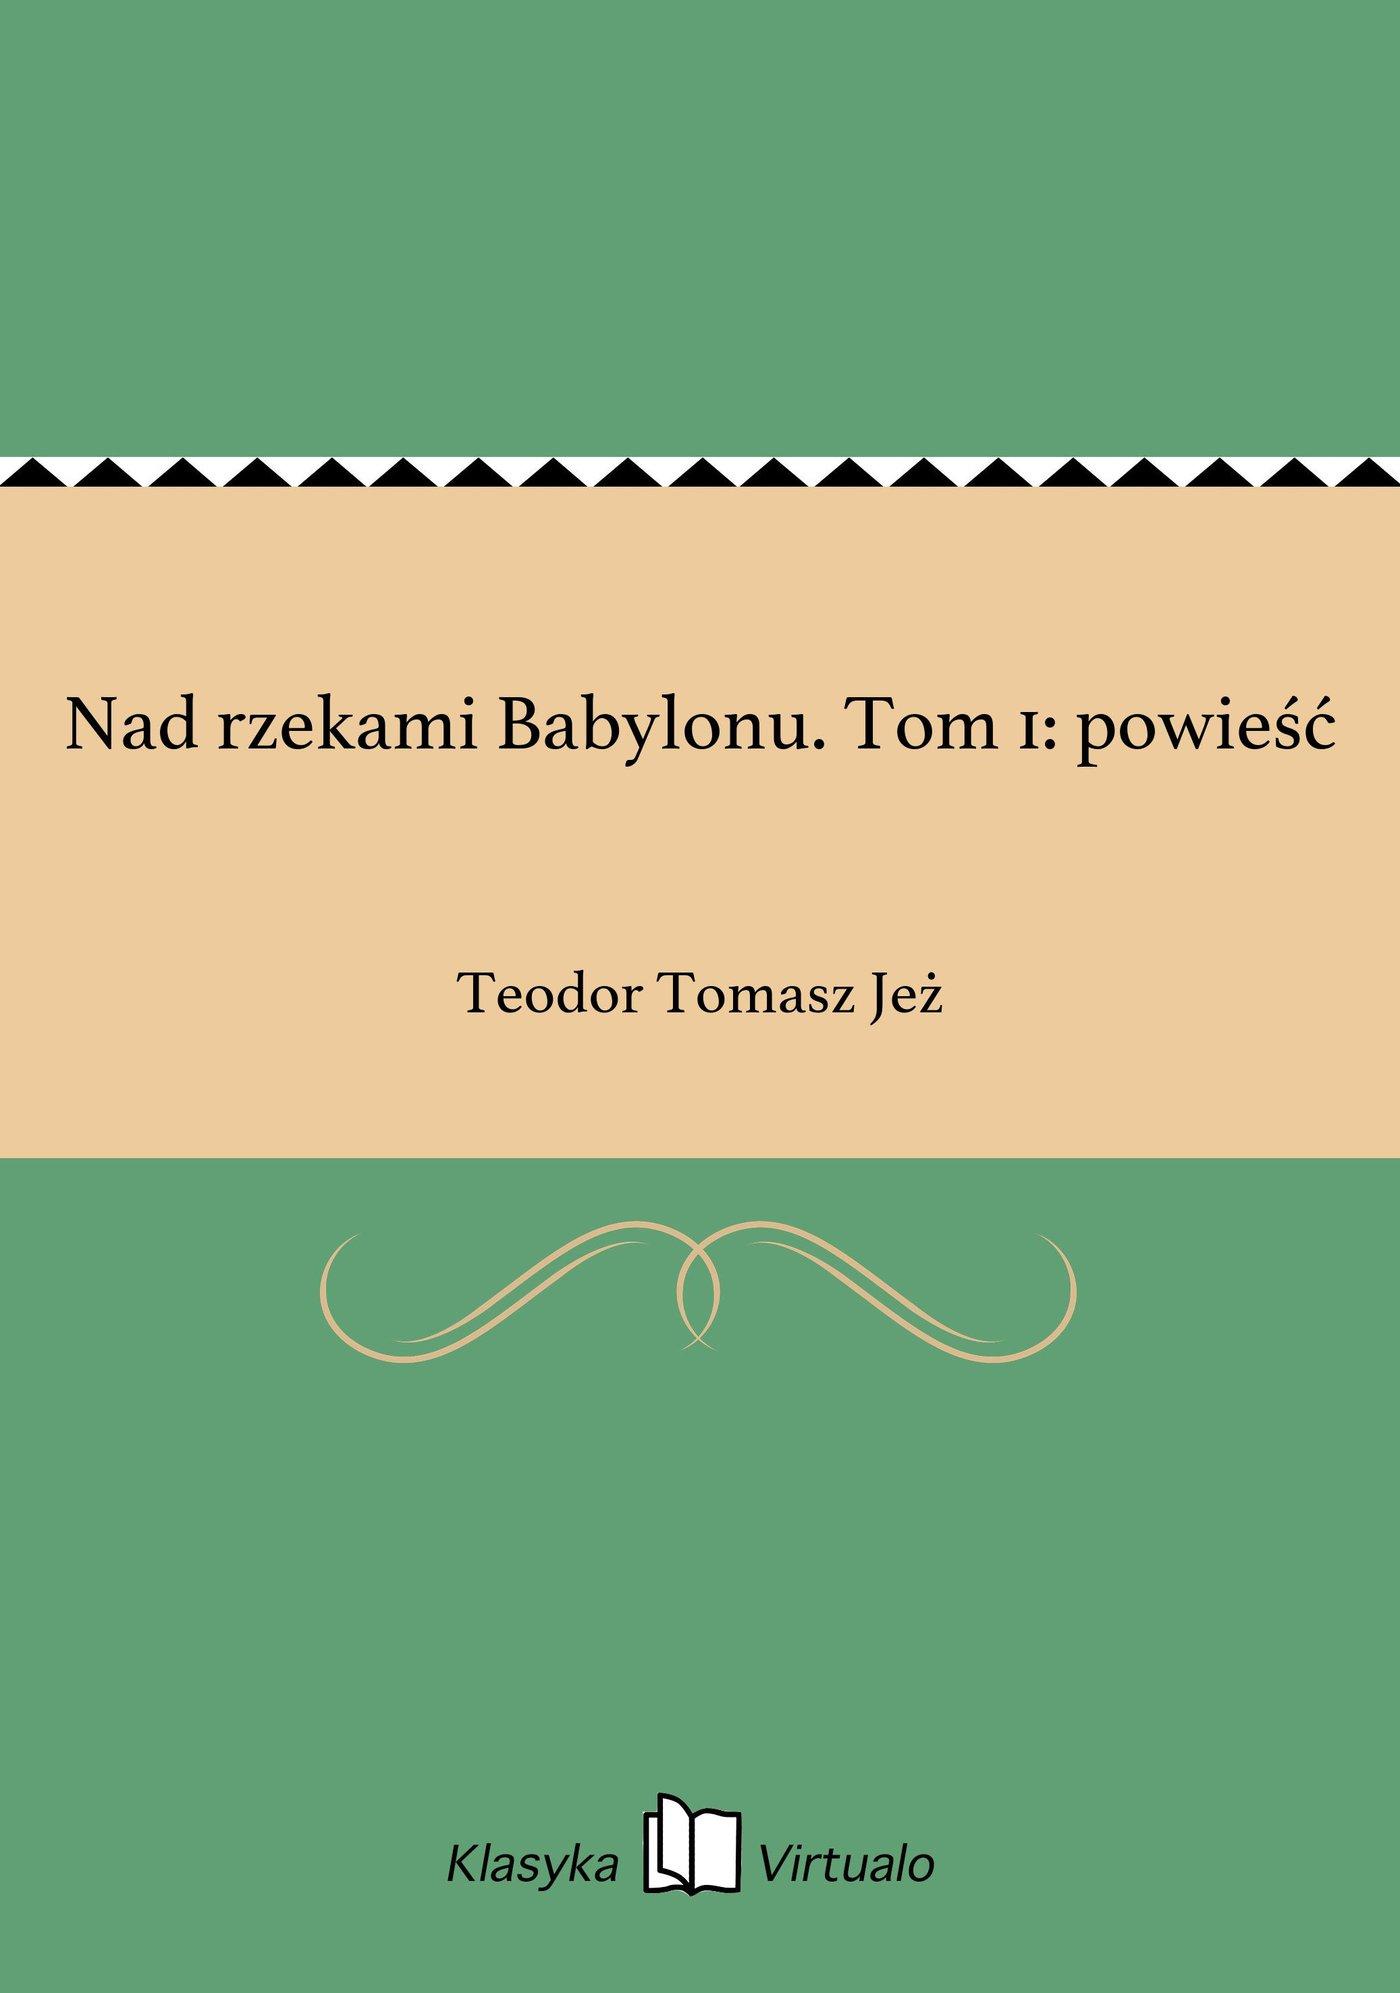 Nad rzekami Babylonu. Tom 1: powieść - Ebook (Książka EPUB) do pobrania w formacie EPUB